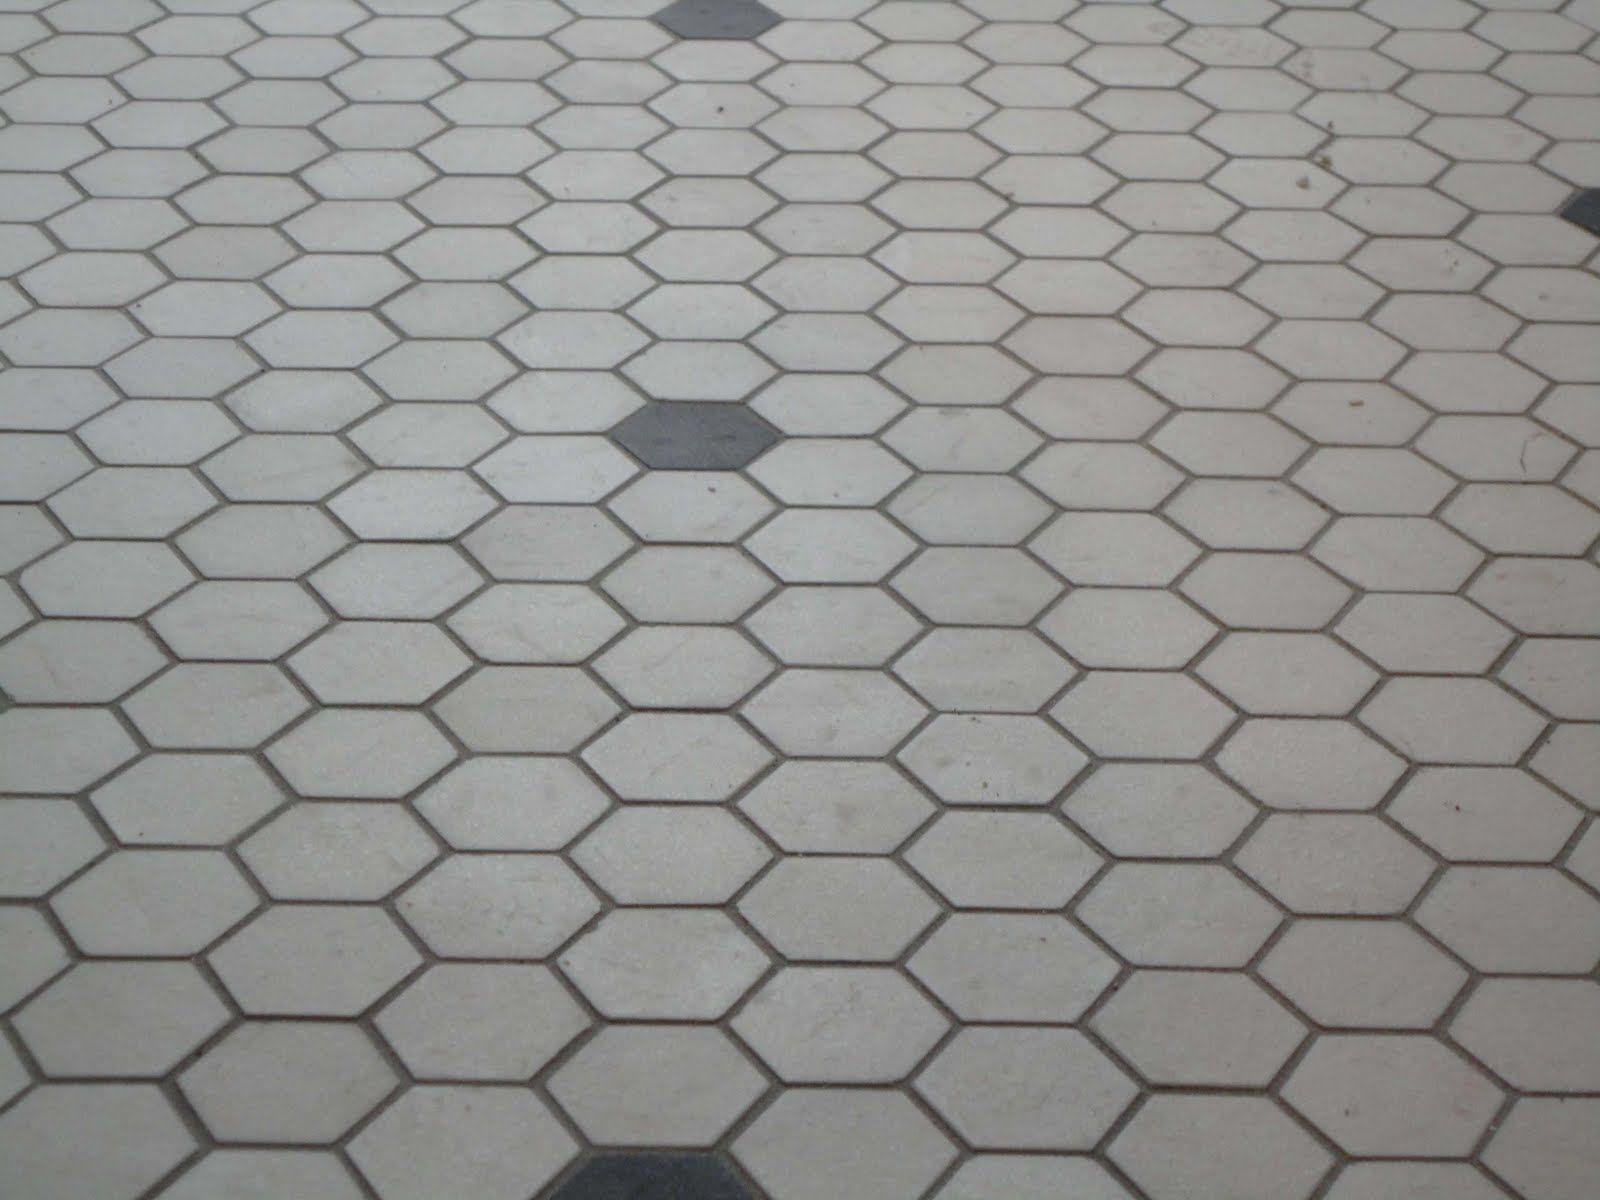 Subway tile wallshex floor wood baseboards and chair rail hs subway tile wallshex floor wood baseboards and chair rail dailygadgetfo Gallery